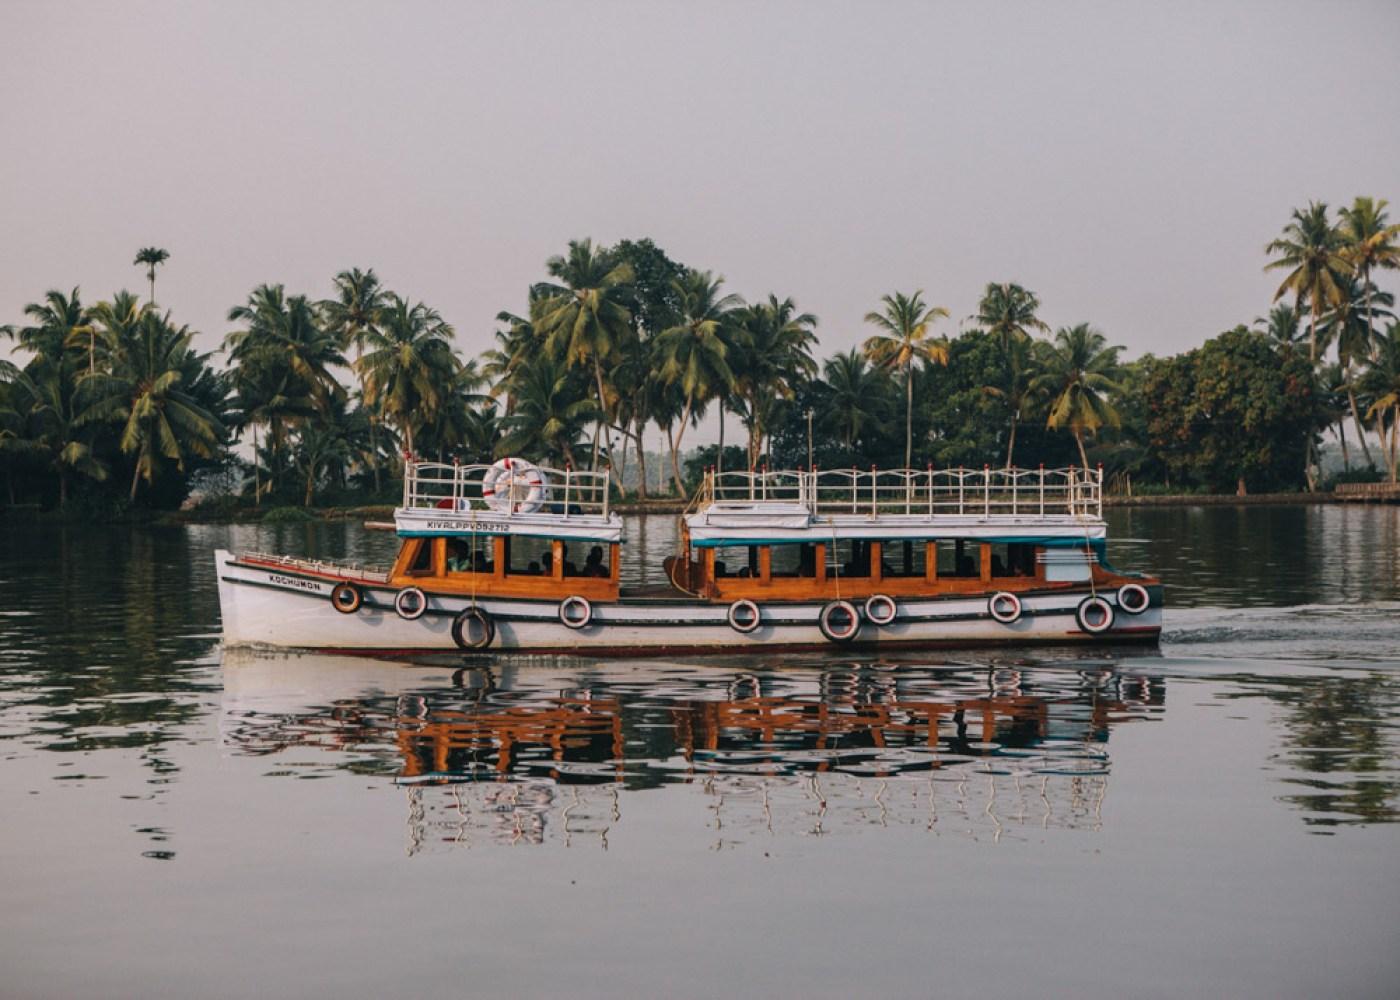 Boat in Kerala backwaters